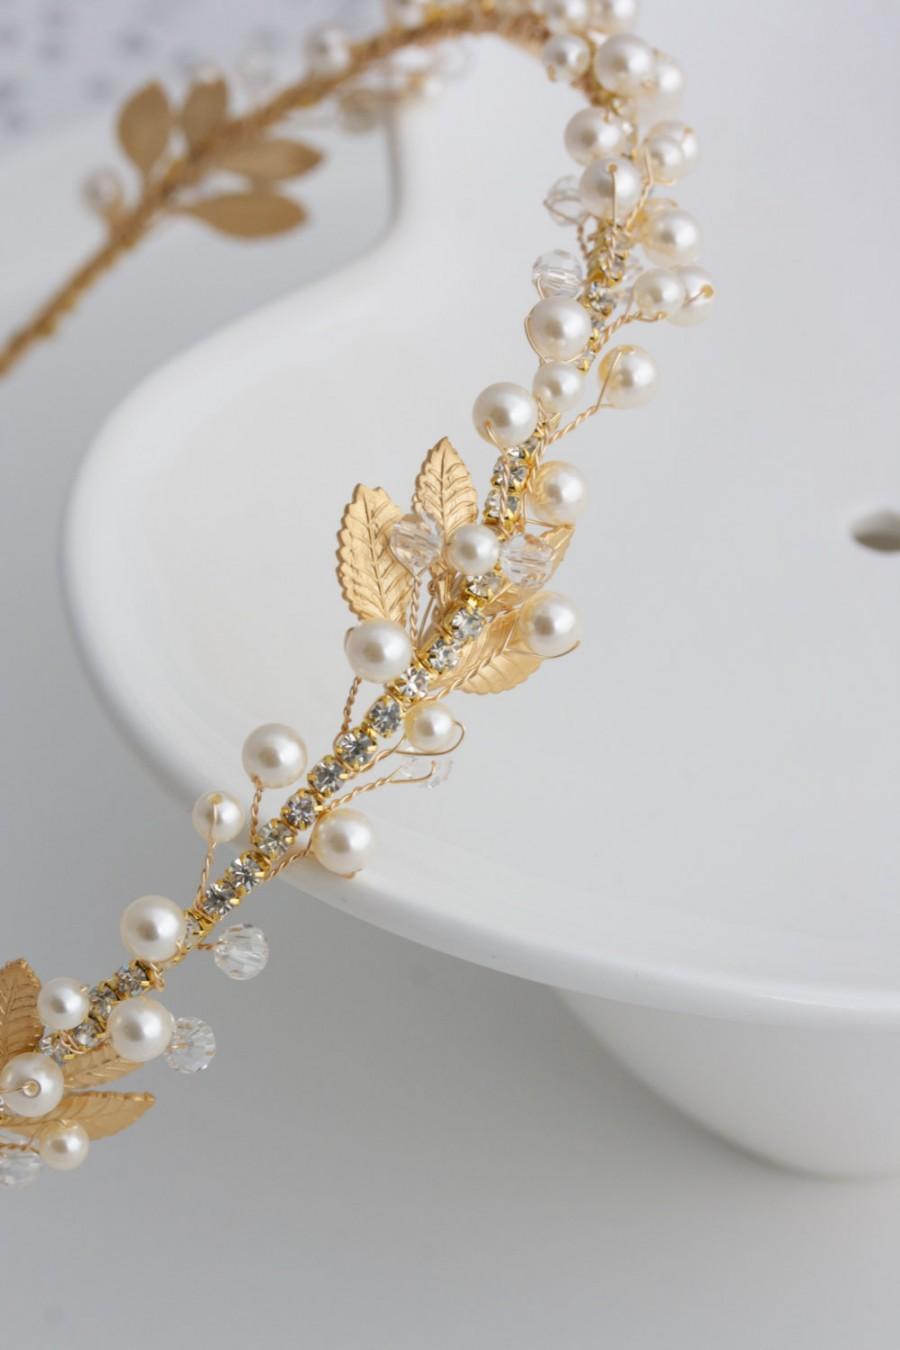 Hochzeit - Gold Bridal Headband Pearl Headpiece Matt Gold Leaf Headband Delicate Simple Wedding Hair Accessory  EDERA